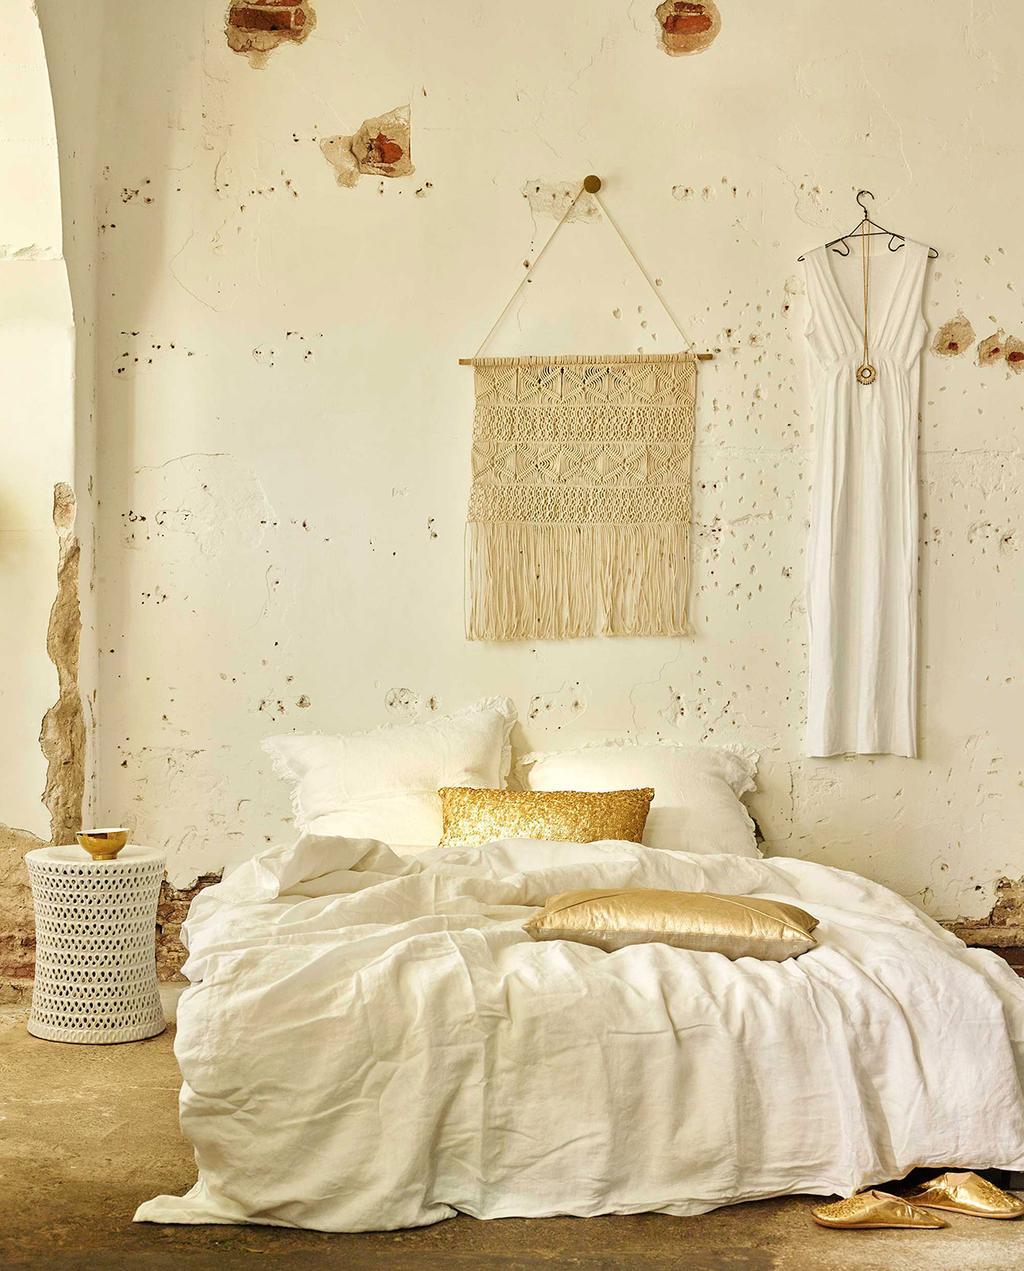 vtwonen 07-2016 | slaapkamer met bohemain stijl en gouden details